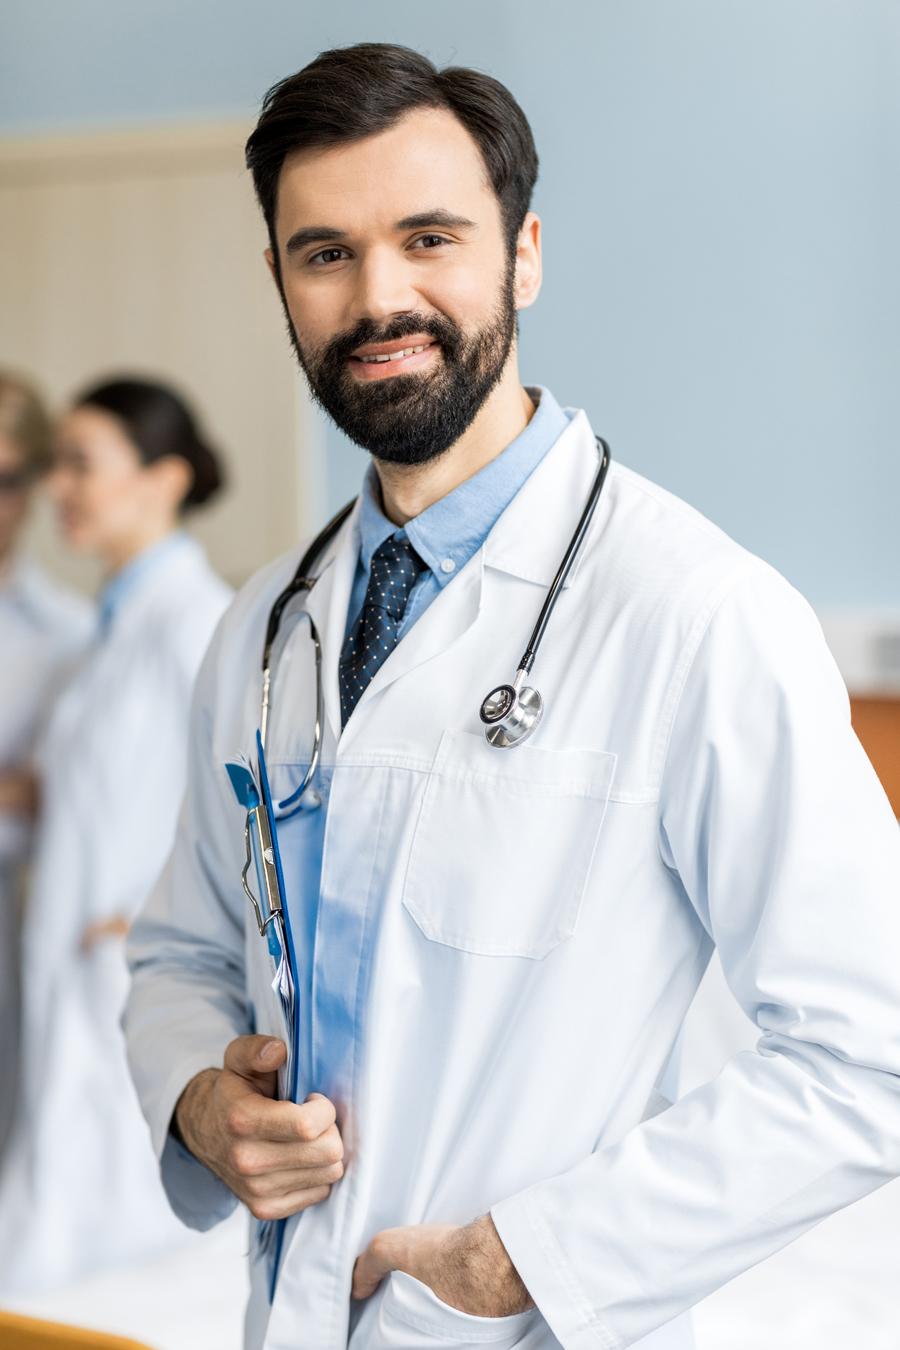 Medicina del lavoro a Trieste: ecco lo specialista a cui puoi rivolgerti